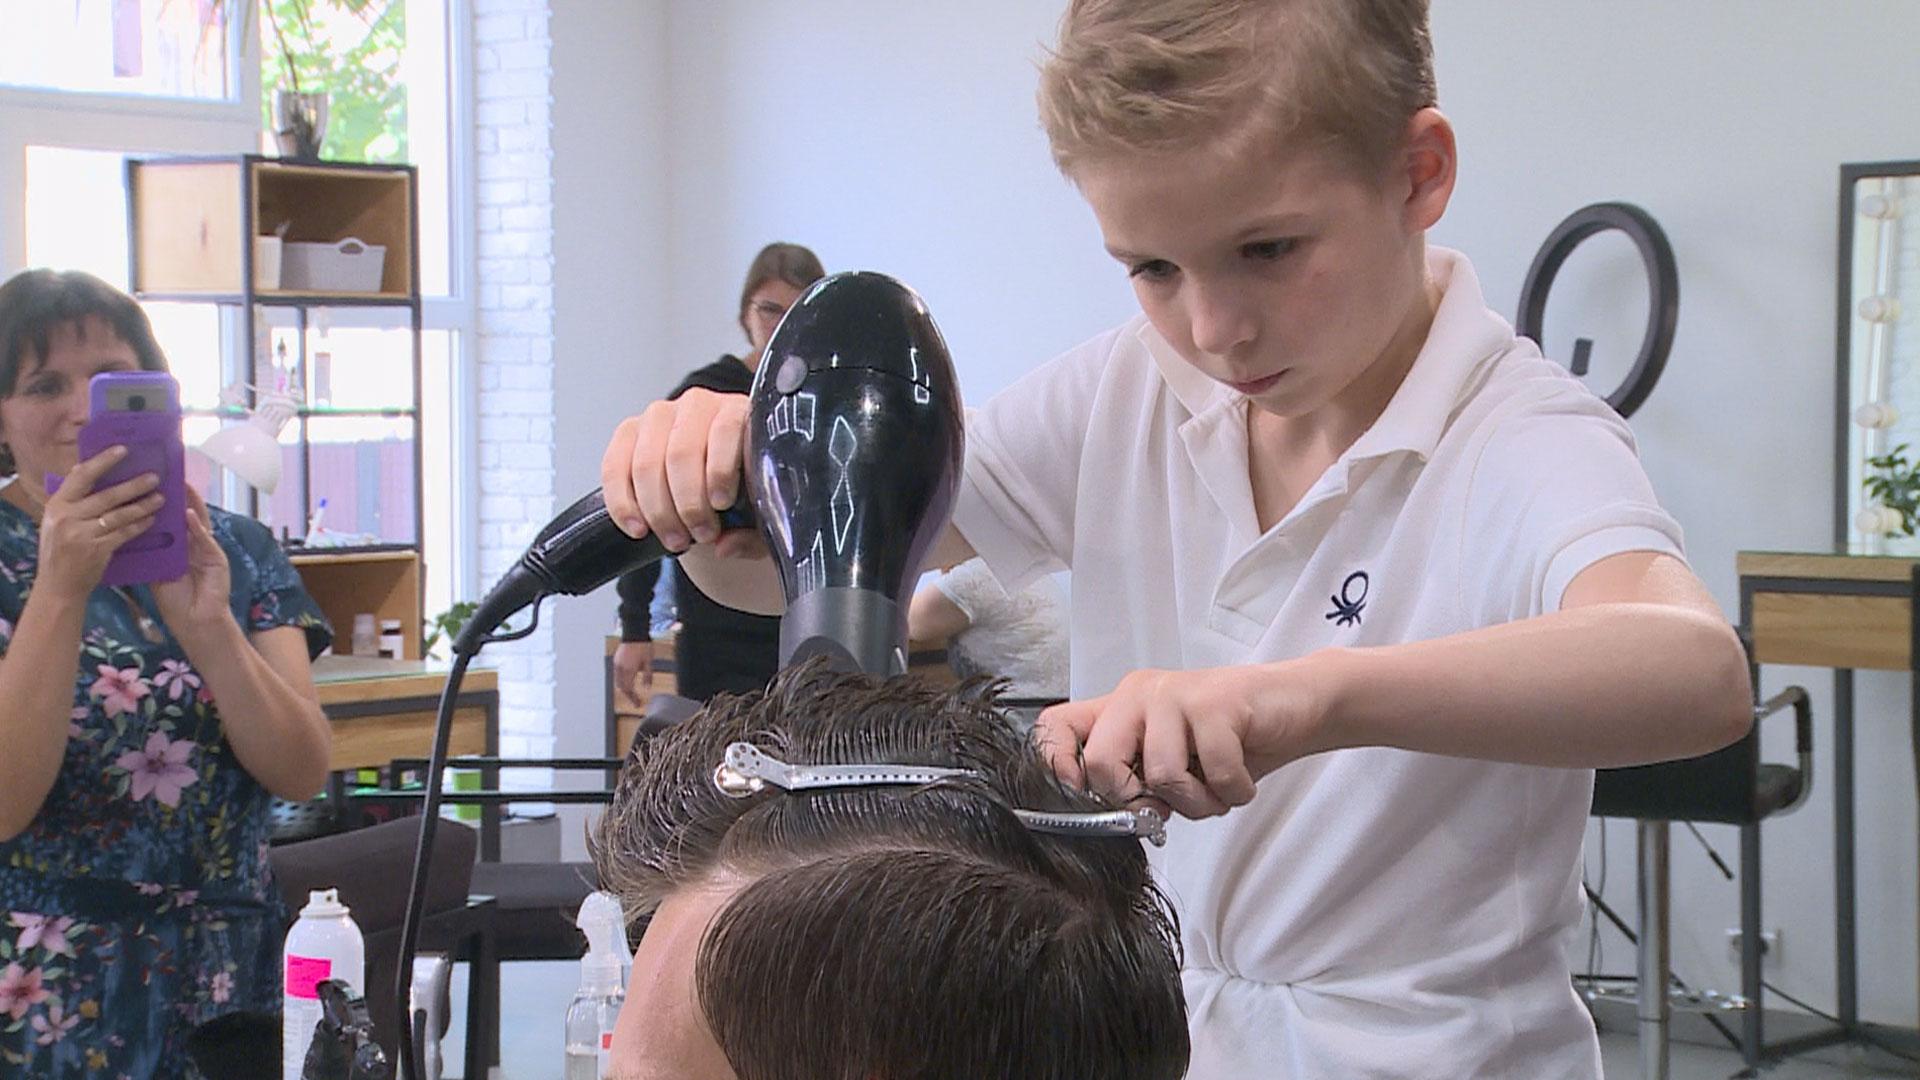 Як і чому дев'ятирічний прикарпатець з вадами слуху стриже справжніх клієнтів (ВІДЕО)